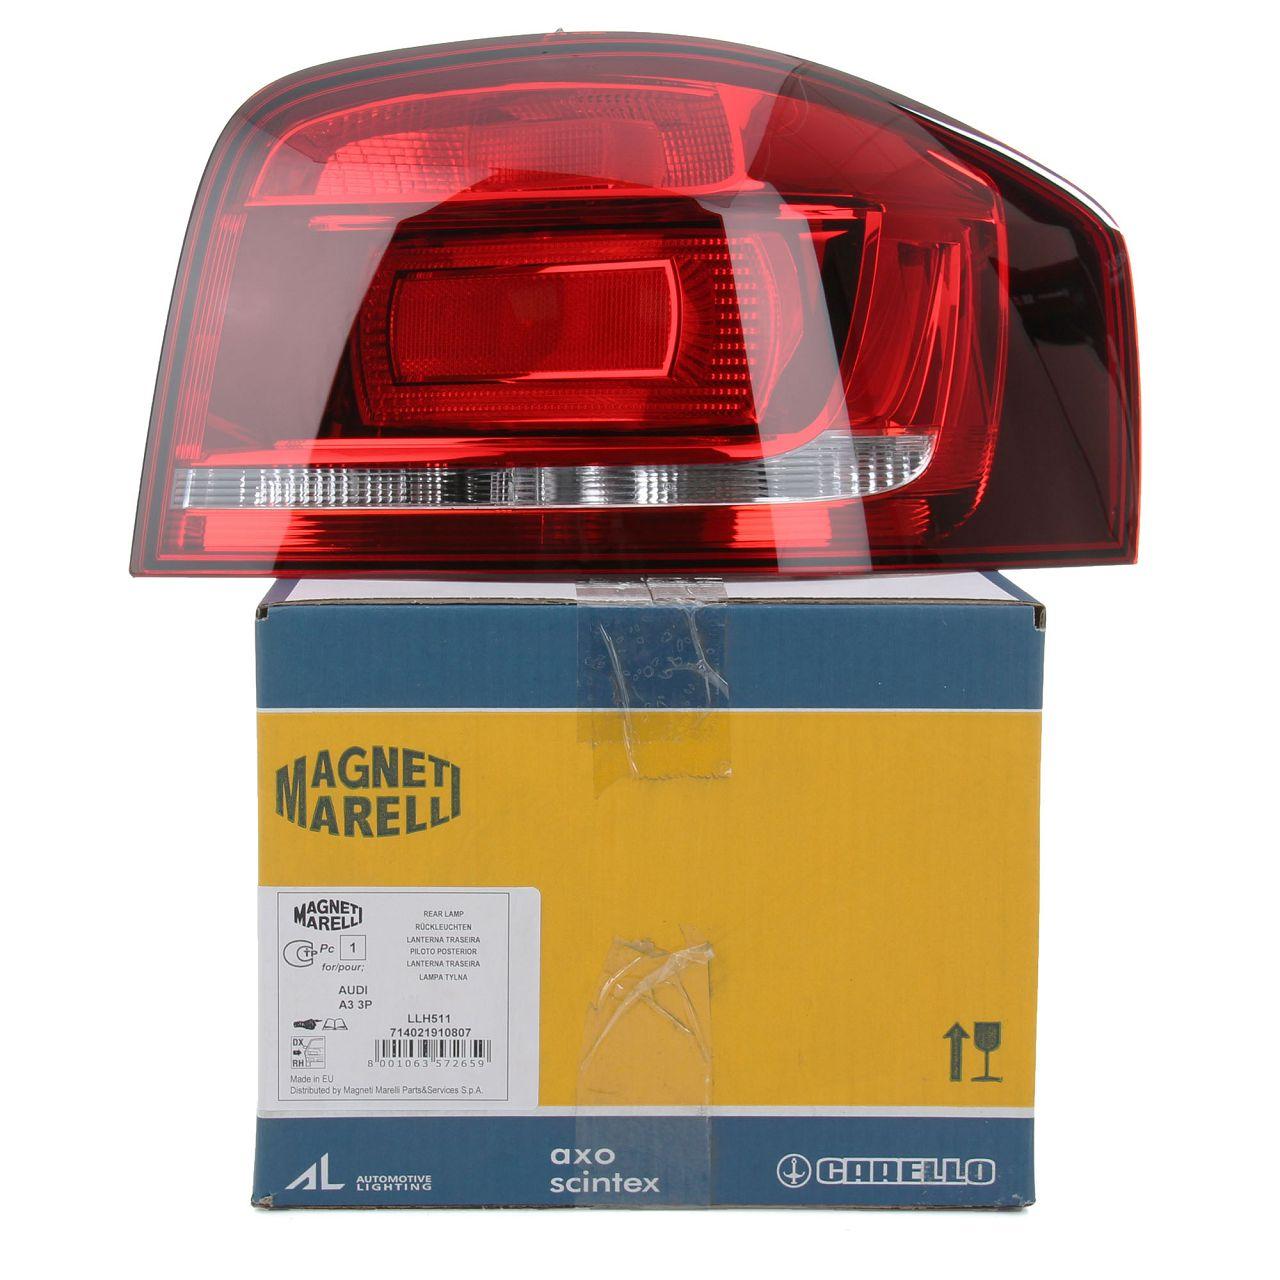 MAGNETI MARELLI Heckleuchte Rücklicht KIRSCHROT für AUDI A3 S3 8P 3-türig rechts